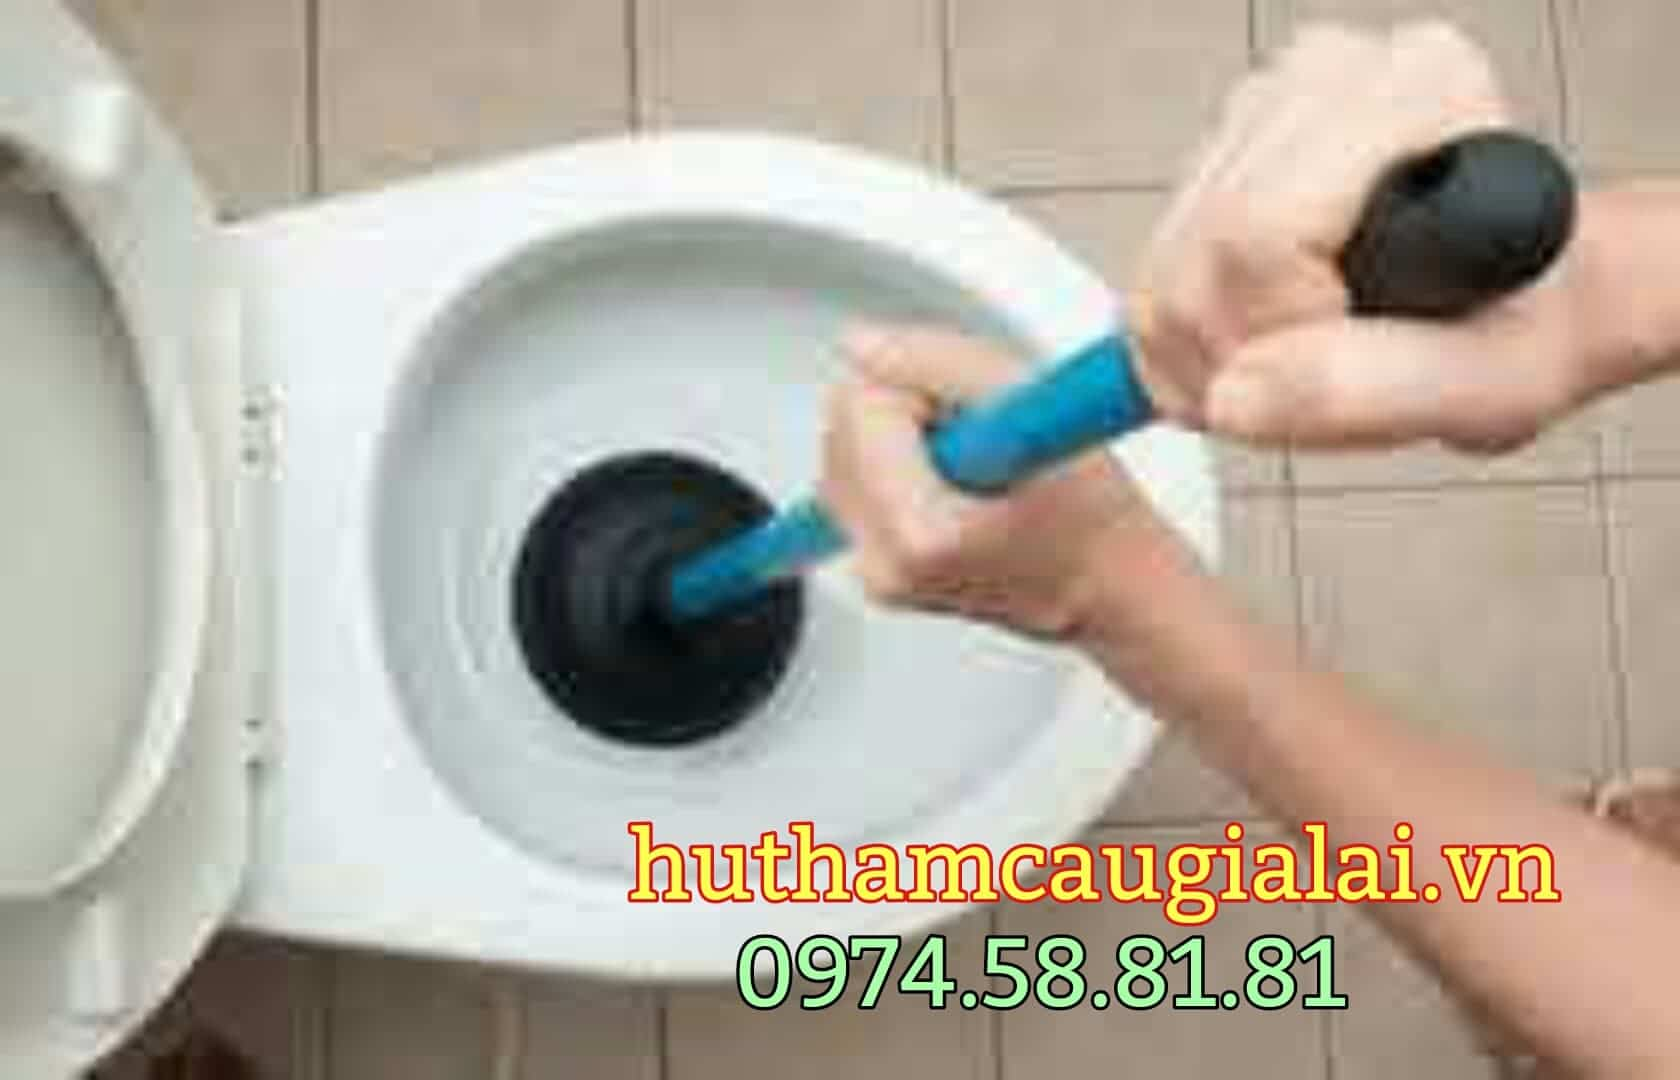 bồn rửa chén bị nghẹt